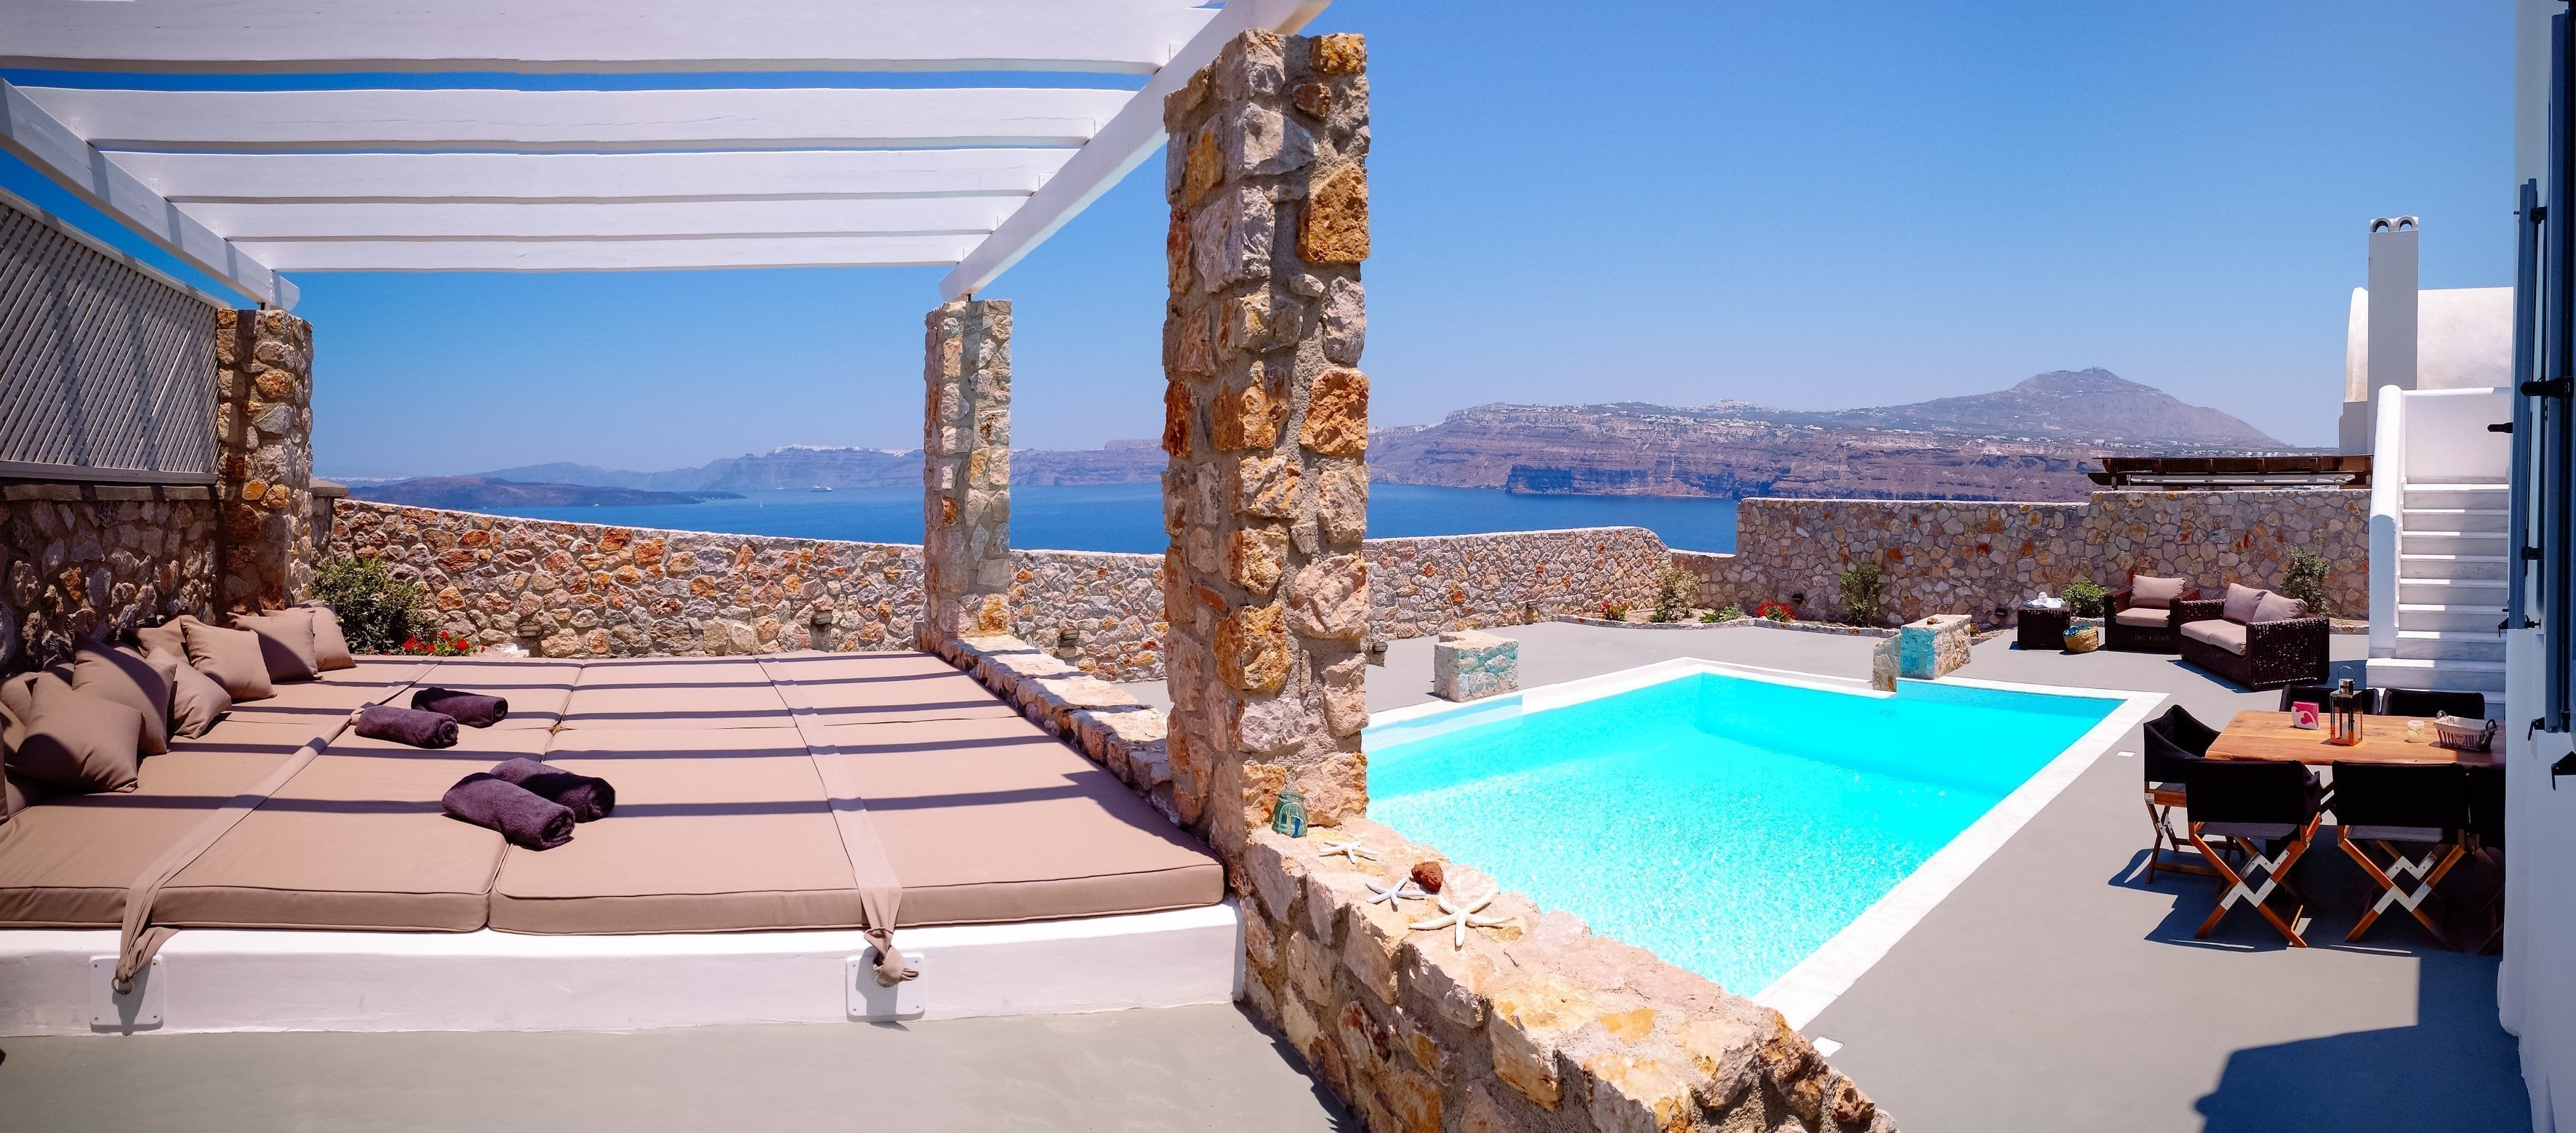 Casa, Santorini - Ref GR-3937